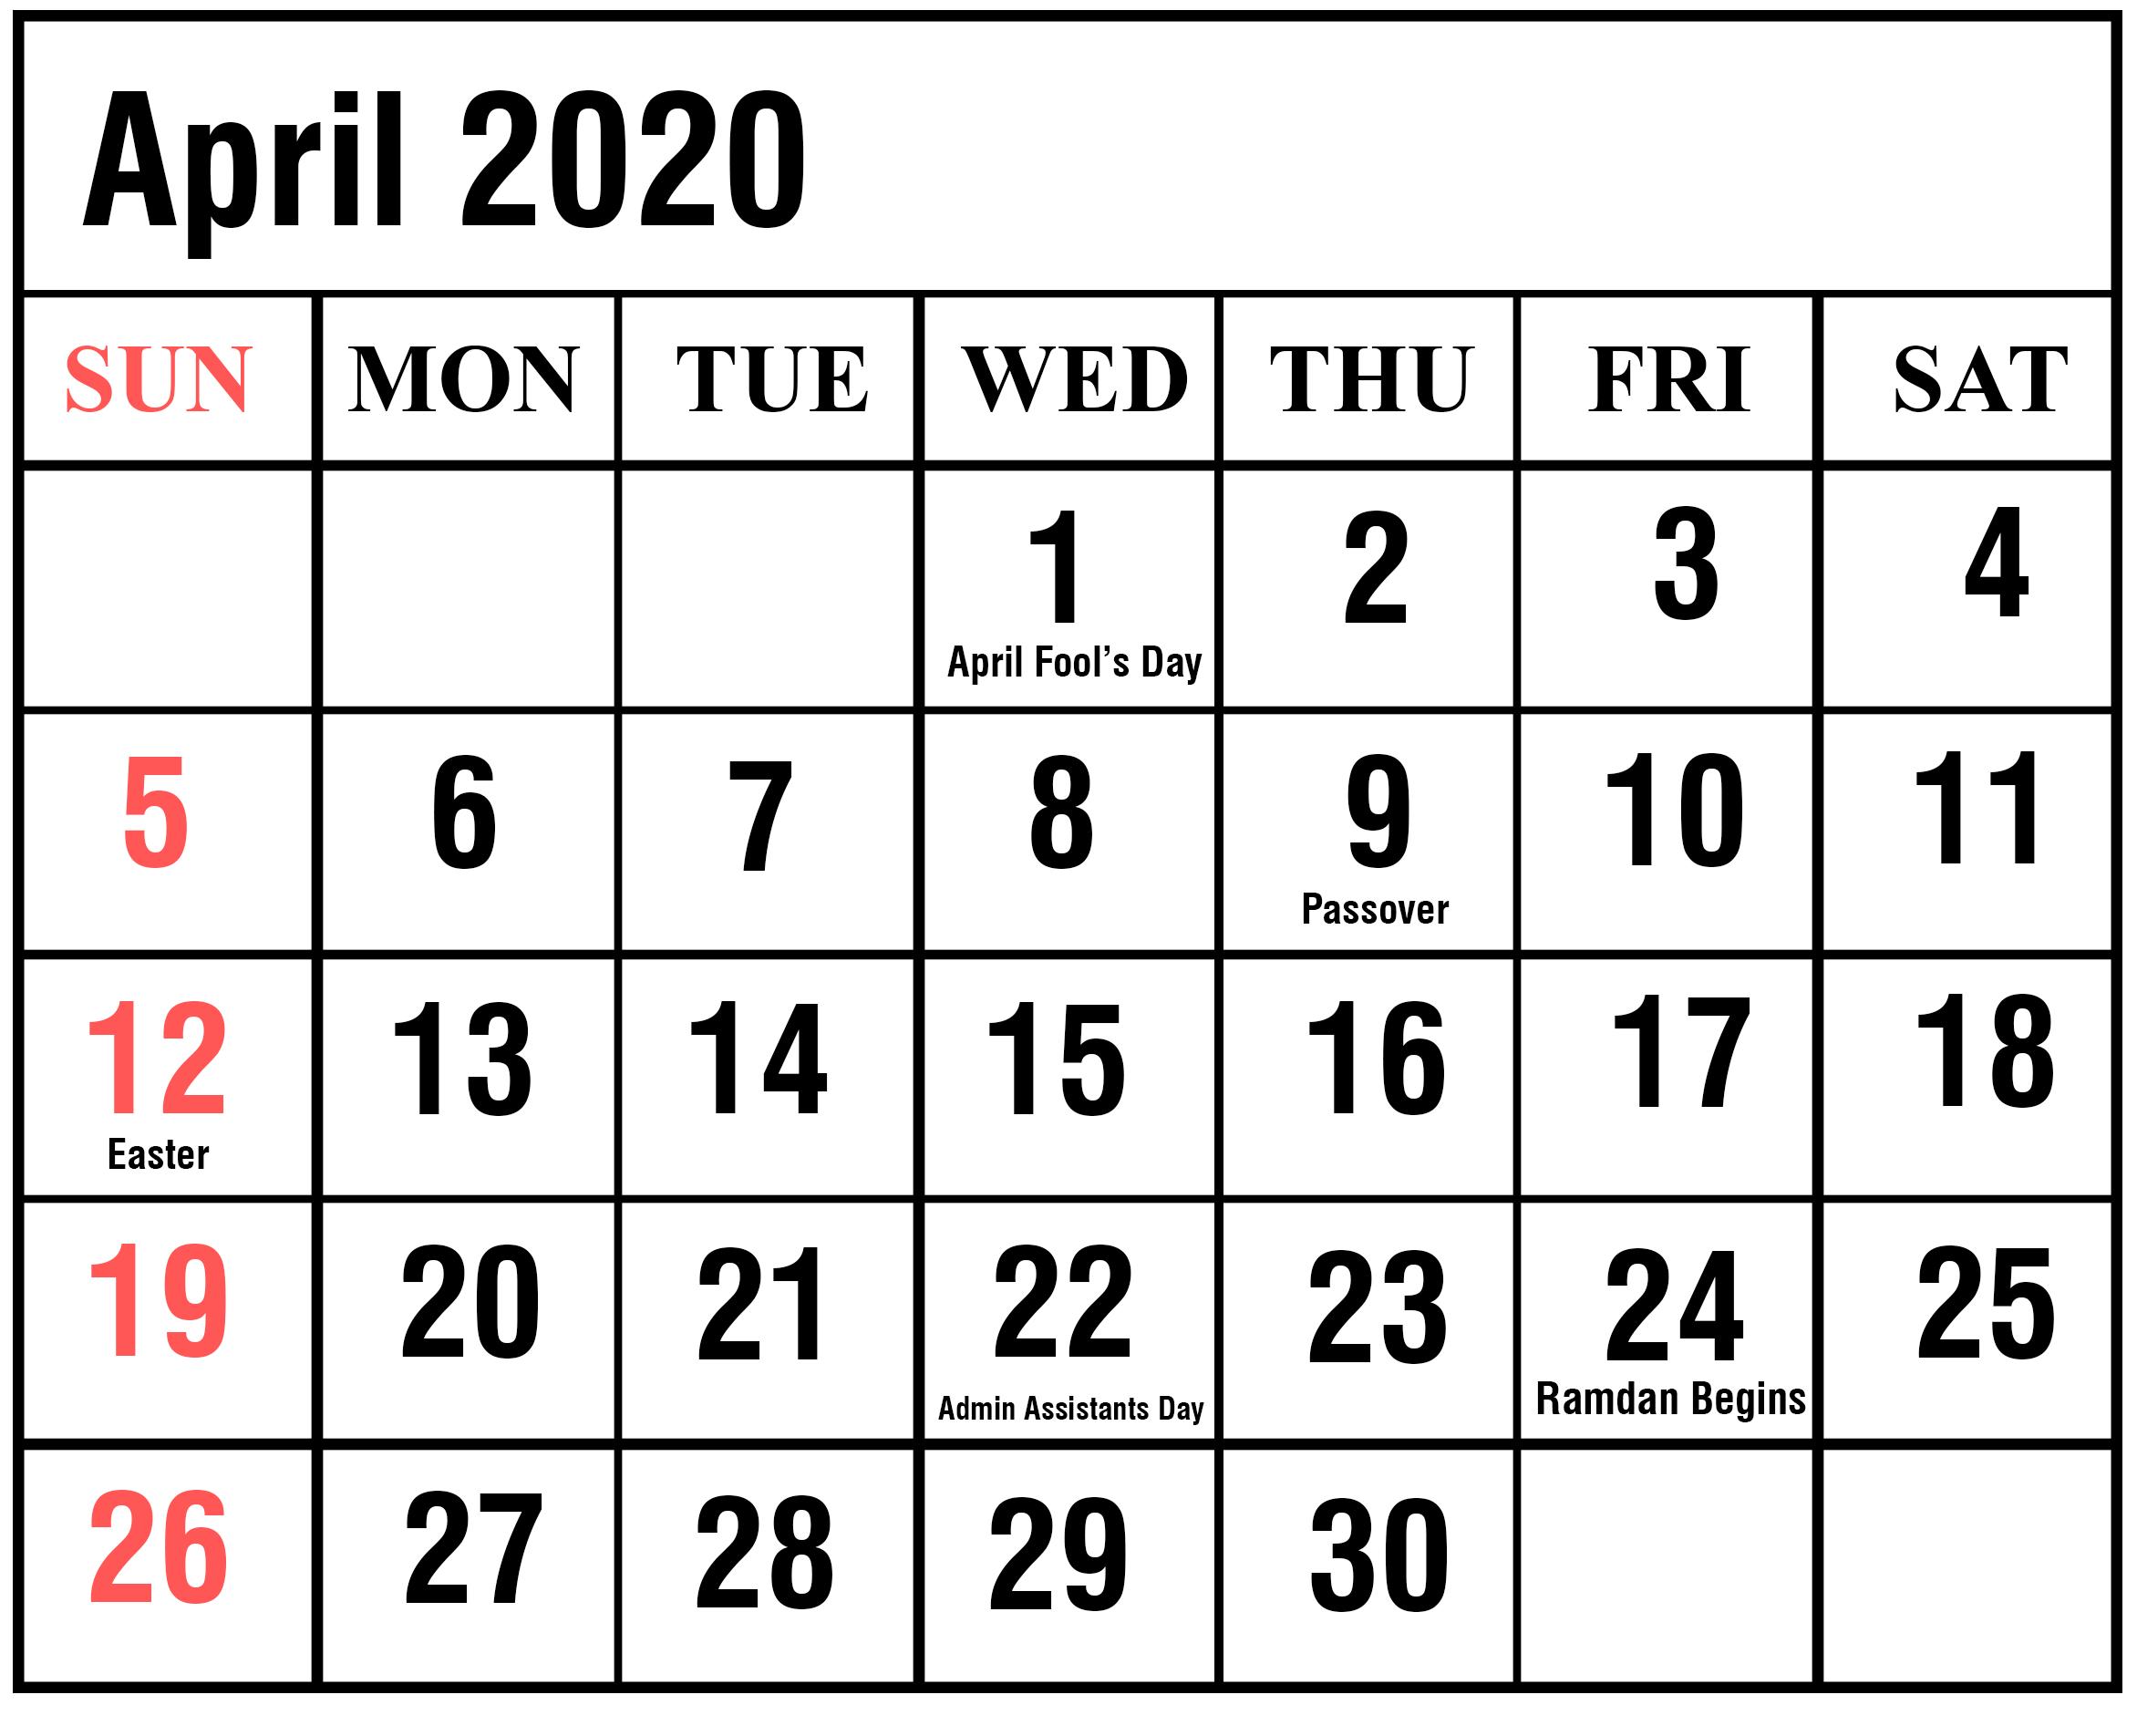 April 2020 Calendar Template PDF